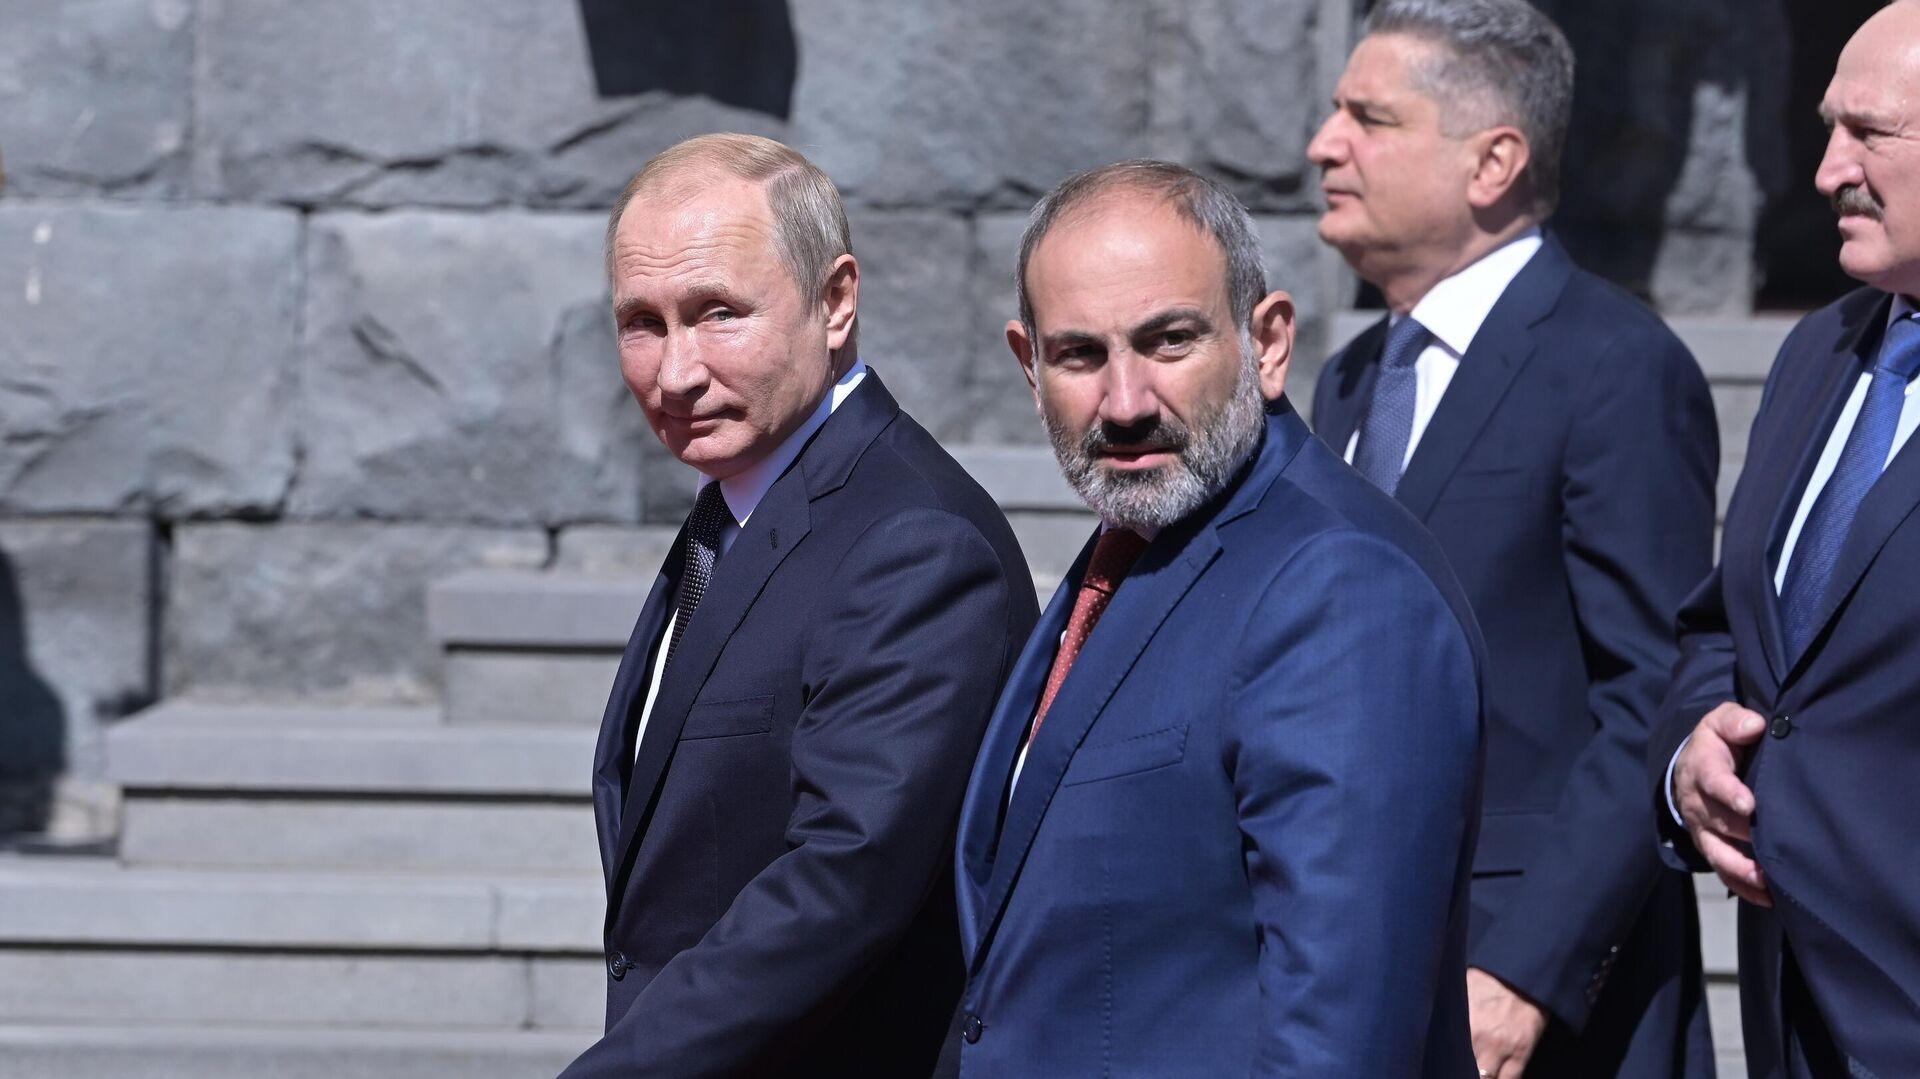 Президент РФ Владимир Путин и премьер-министр Армении Никол Пашинян на саммите ЕАЭС в Ереване - РИА Новости, 1920, 27.09.2020